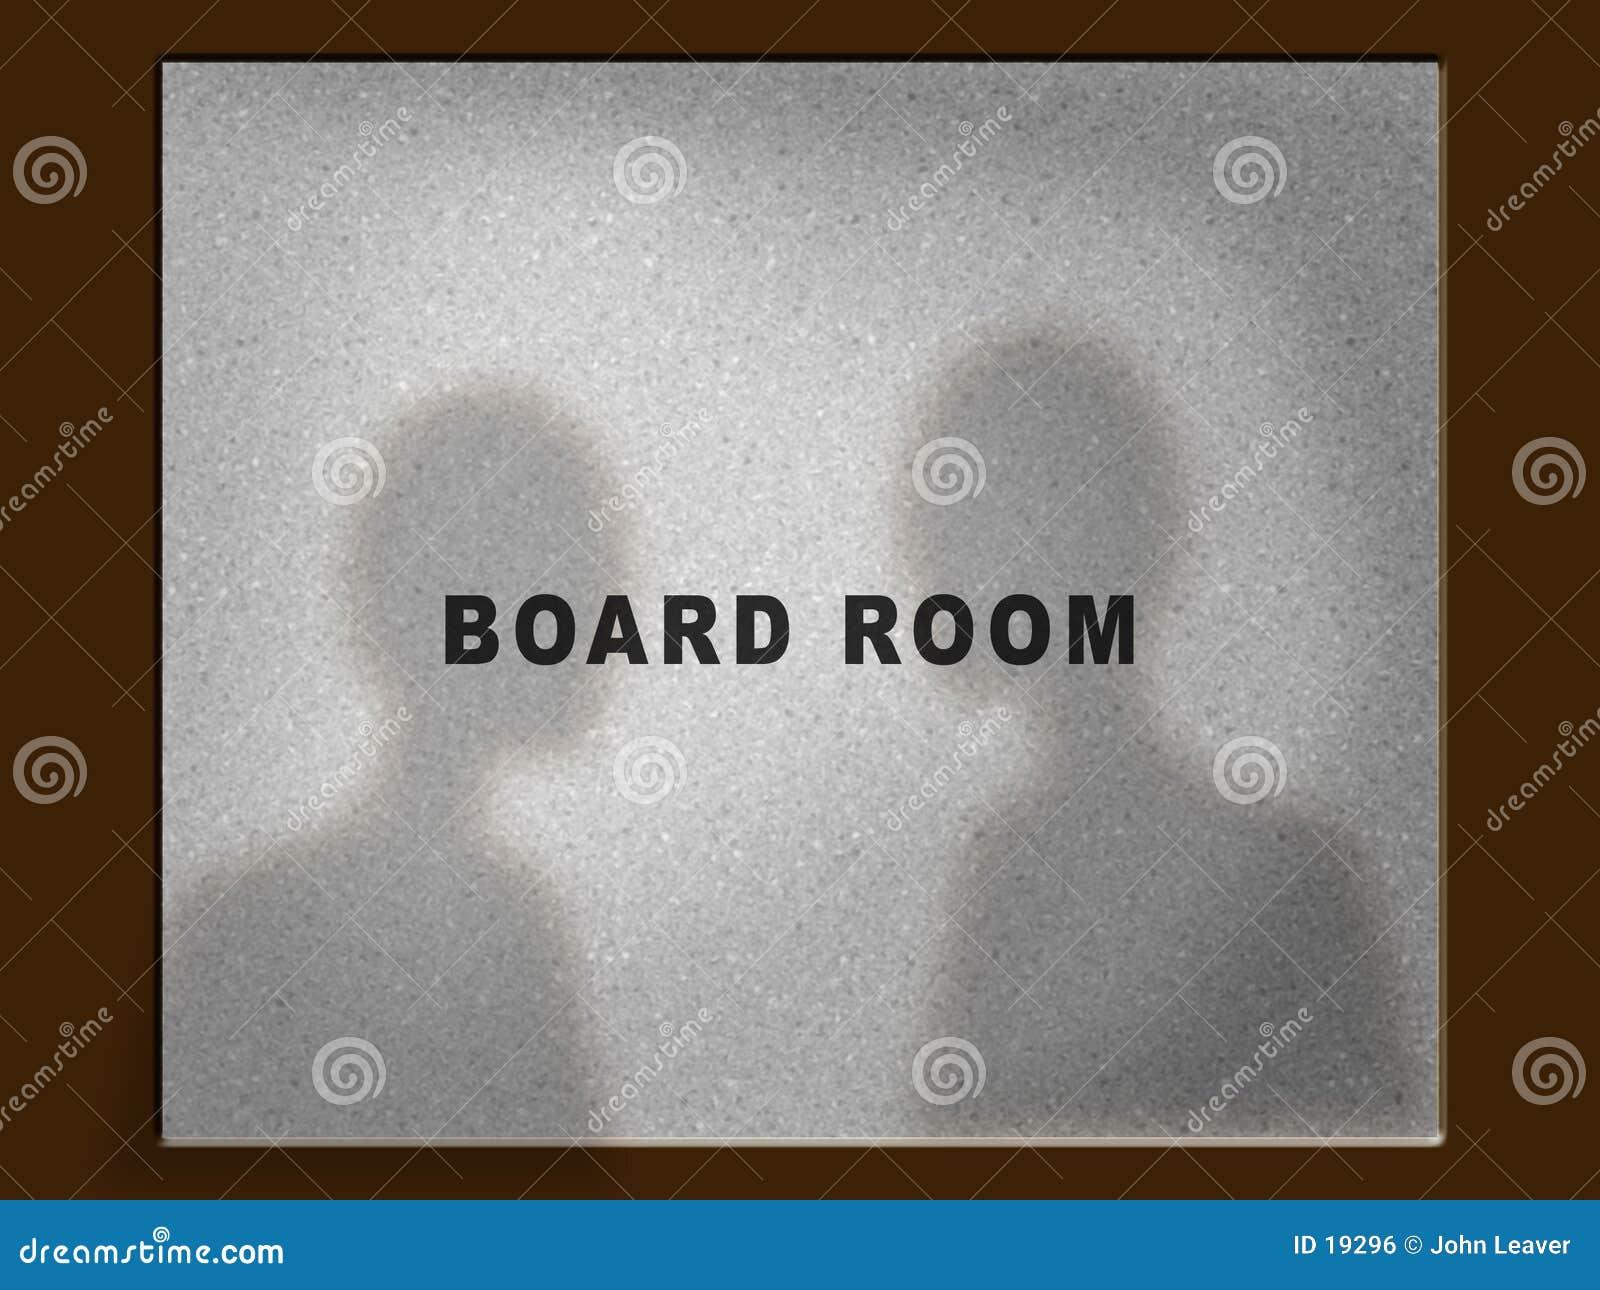 Board room door